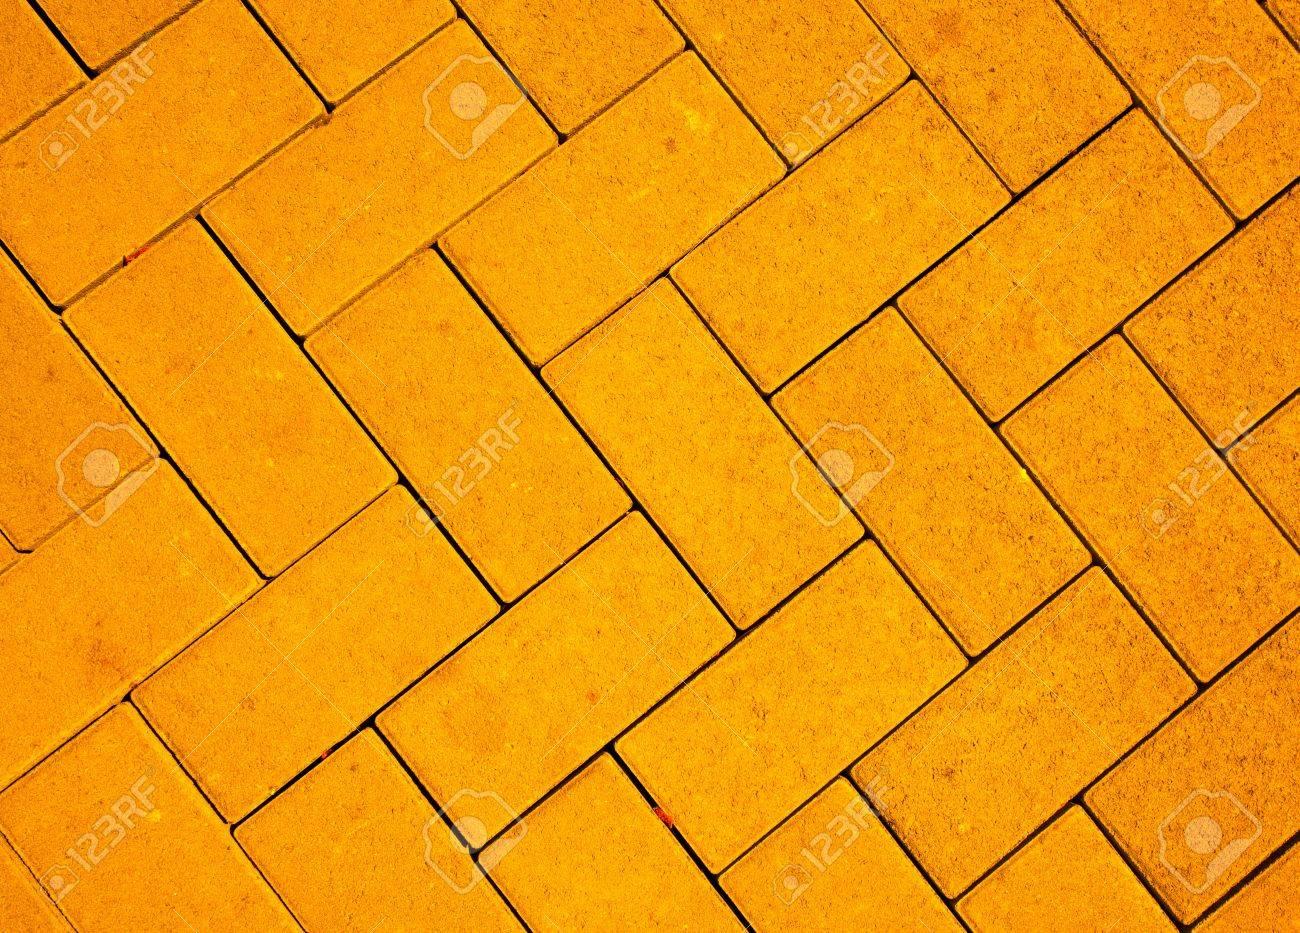 foto de archivo patrn de pavimento hecho con bloques de hormign de reparto en color amarillo